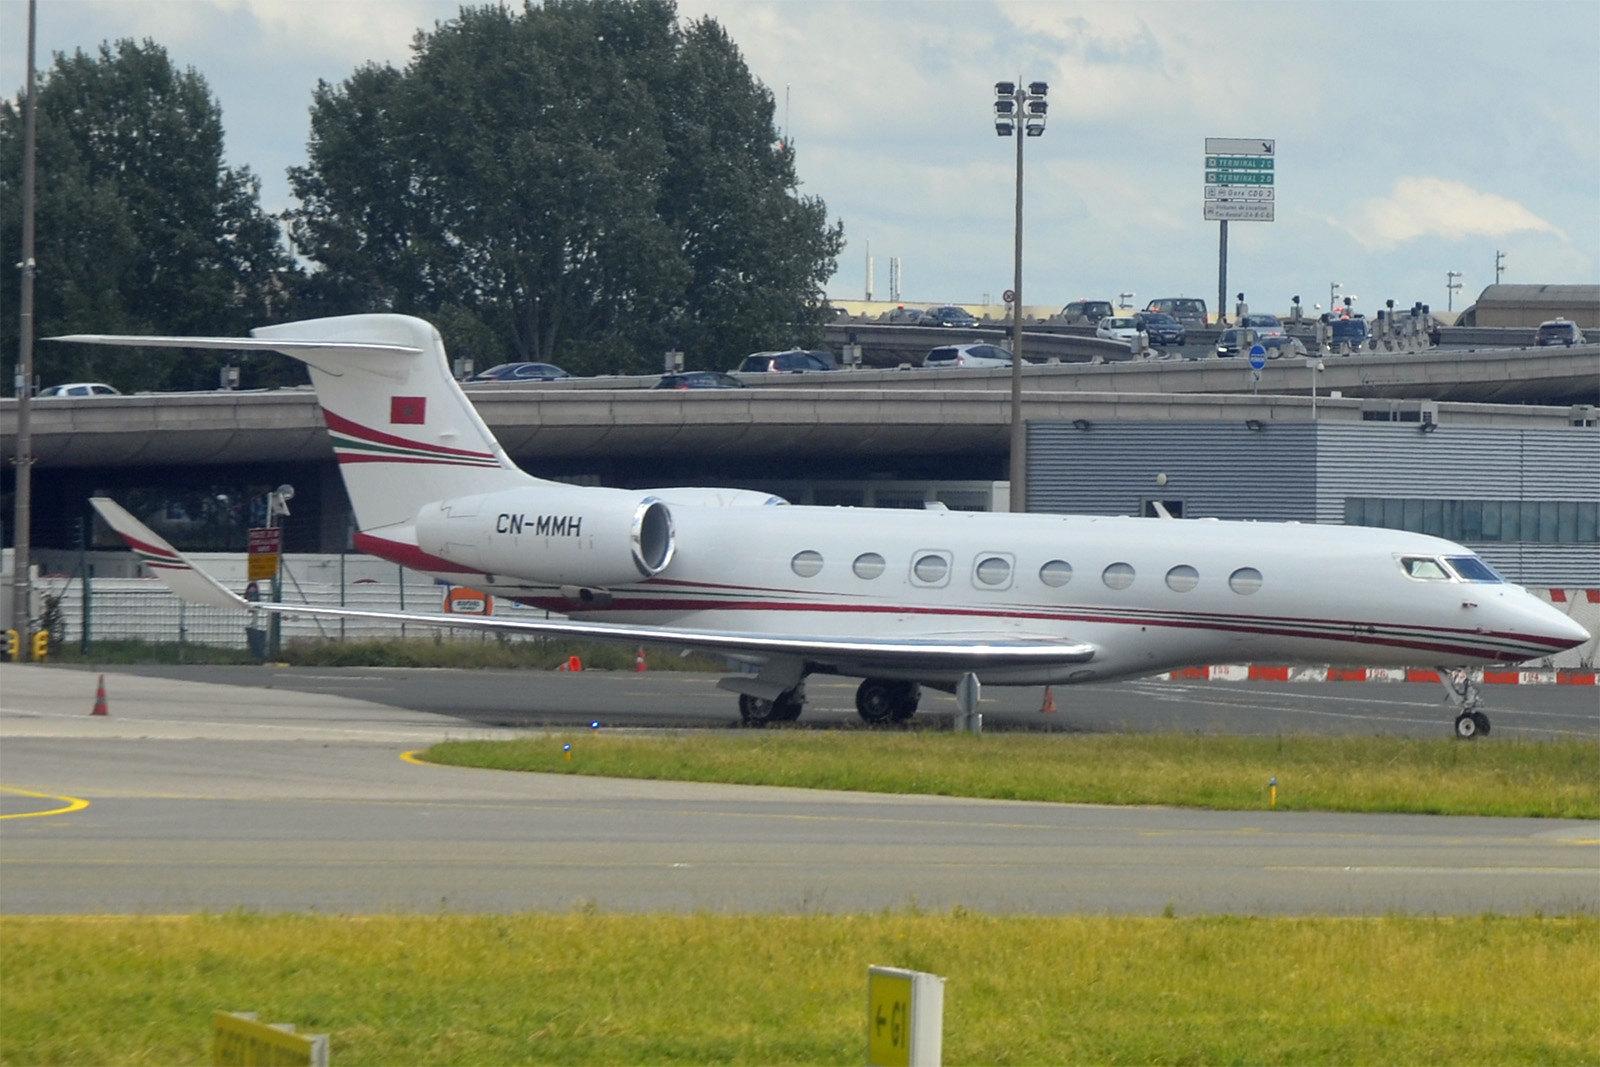 FRA: Avions VIP, Liaison & ECM - Page 24 49879085116_cc66ce554f_h